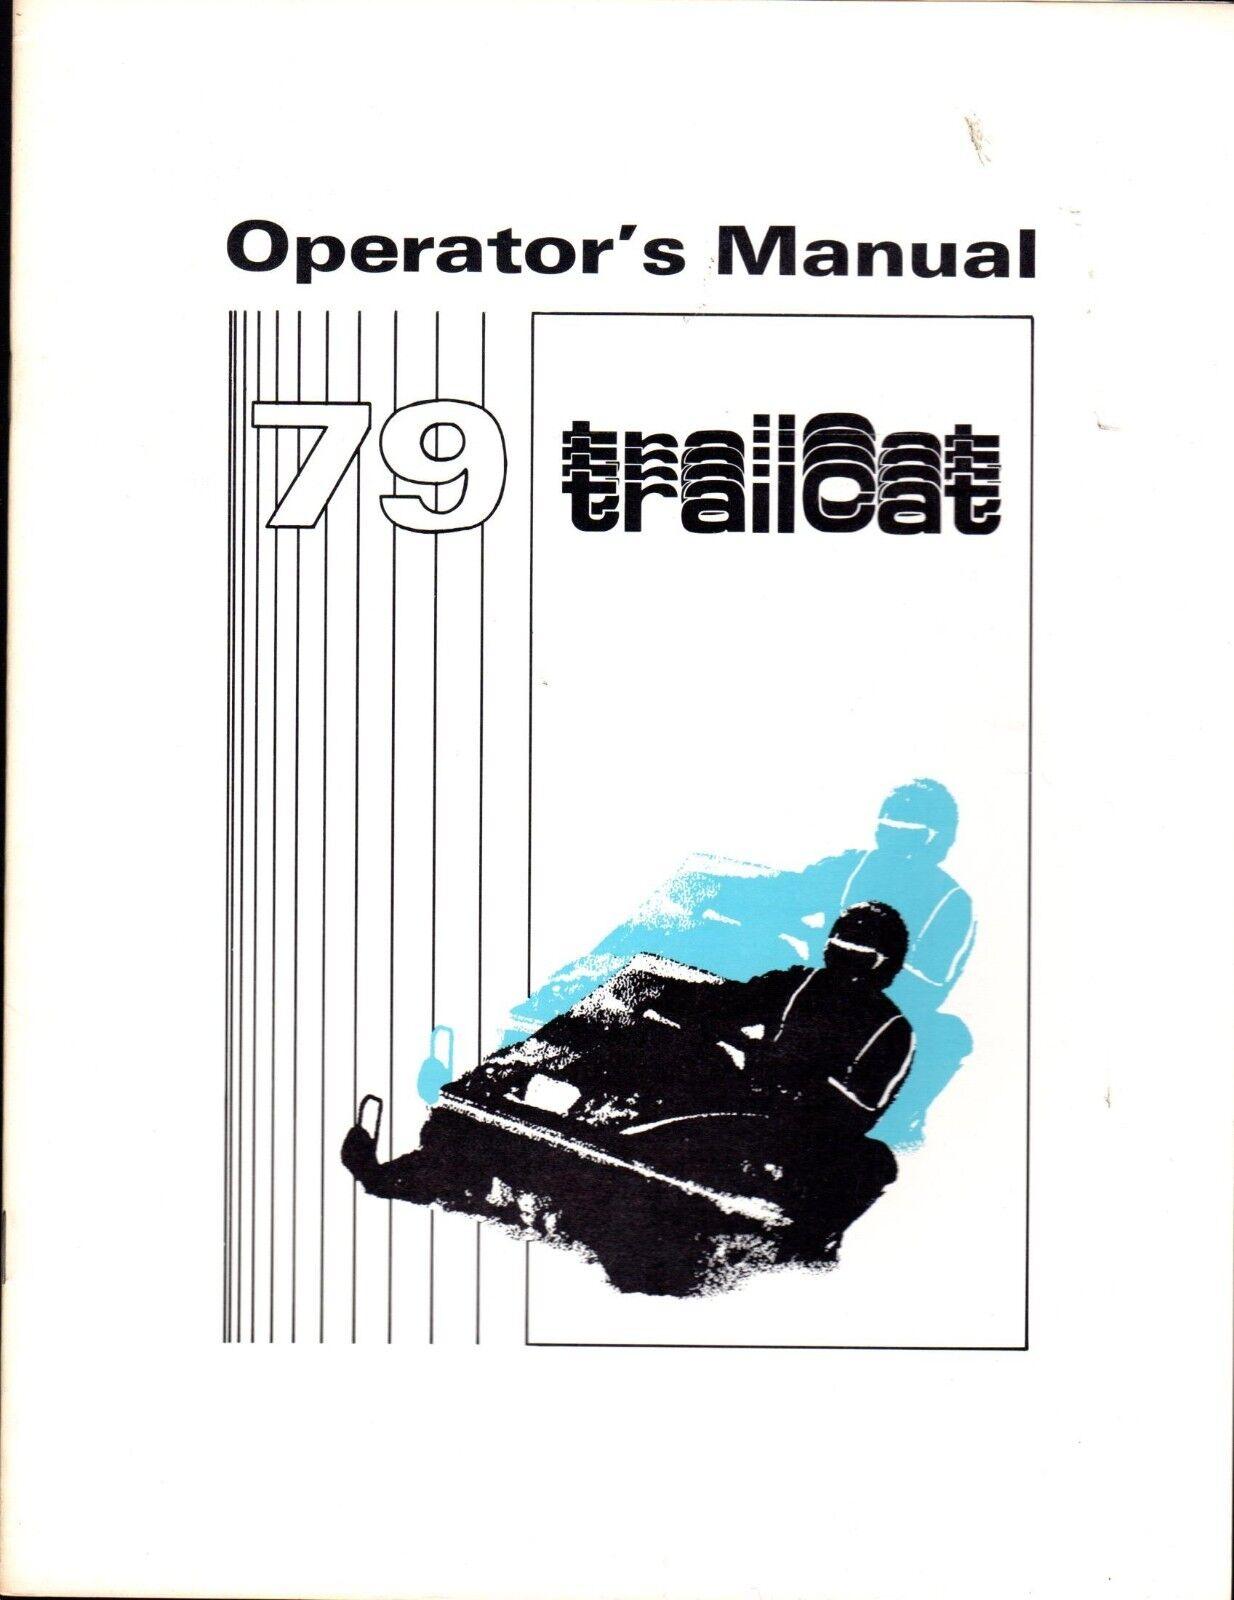 1979 ARCTIC CAT TRAIL CAT SNOWMOBILE OPERATORS P N 2254-112 MANUAL (759)